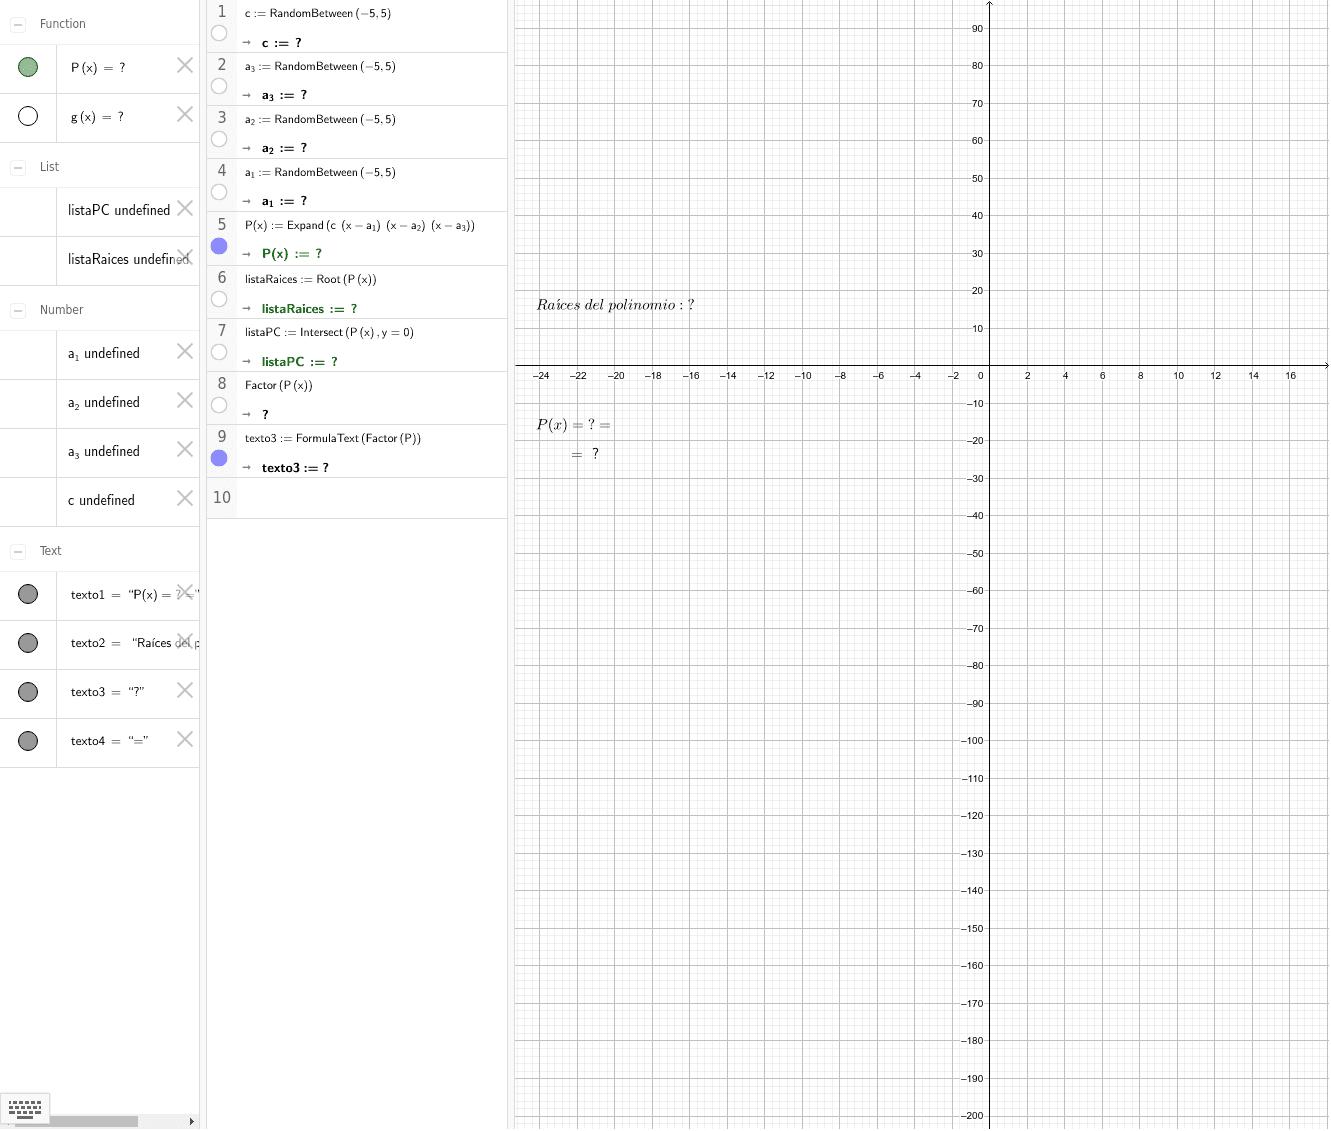 Generamos de forma aleatoria un polinomio de grado 3 con 3 raíces enteras entre -5 y 5. Comparamos la lista de raíces, la factorización y los puntos de corte con el eje x de la gráfica. Presiona Intro para comenzar la actividad